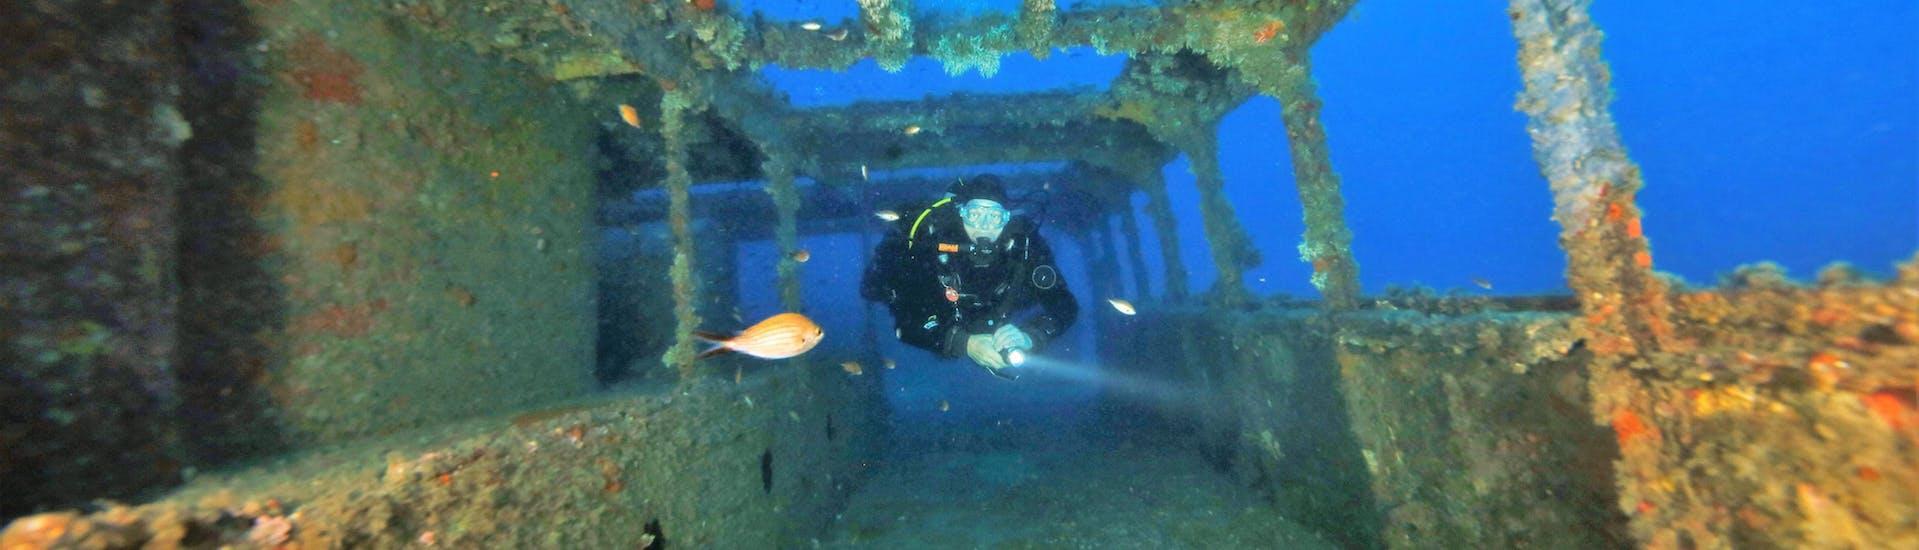 Ein Taucher erkundet während einem der geführten Boots- und Landtauchgänge von Saint Paul's Bay mit Octopus Garden ein Schiffswrack in Malta.